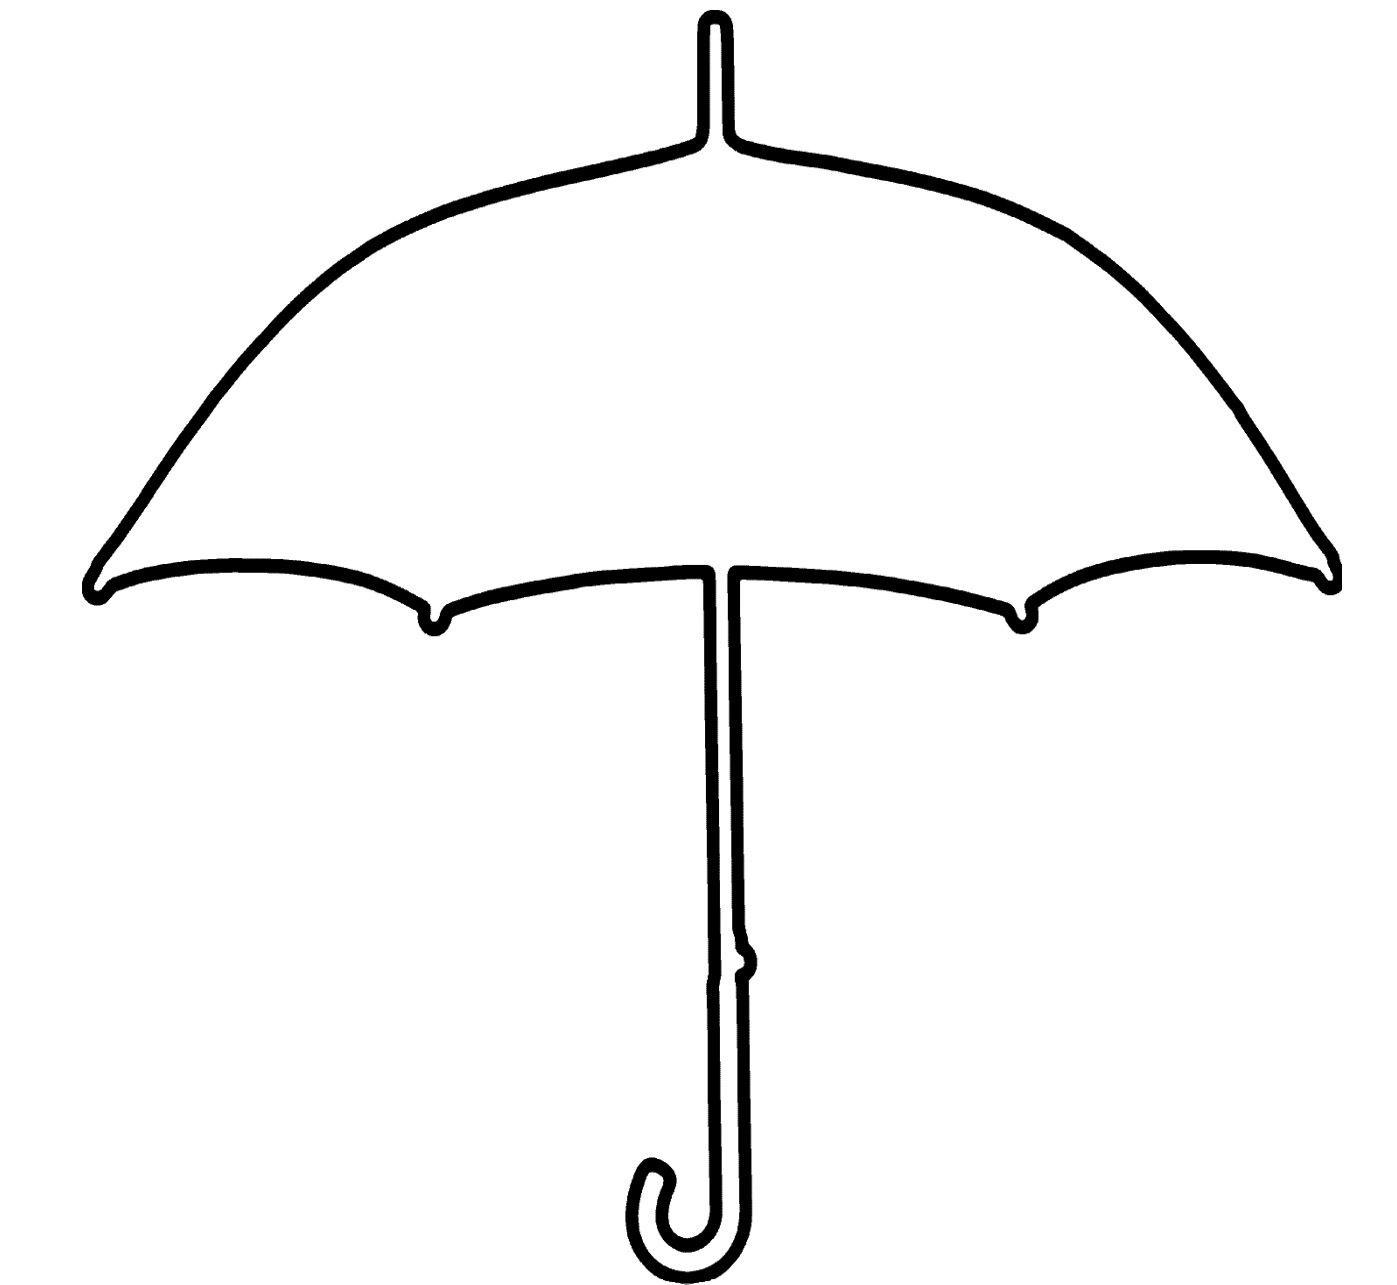 Big Umbrella Coloring Page